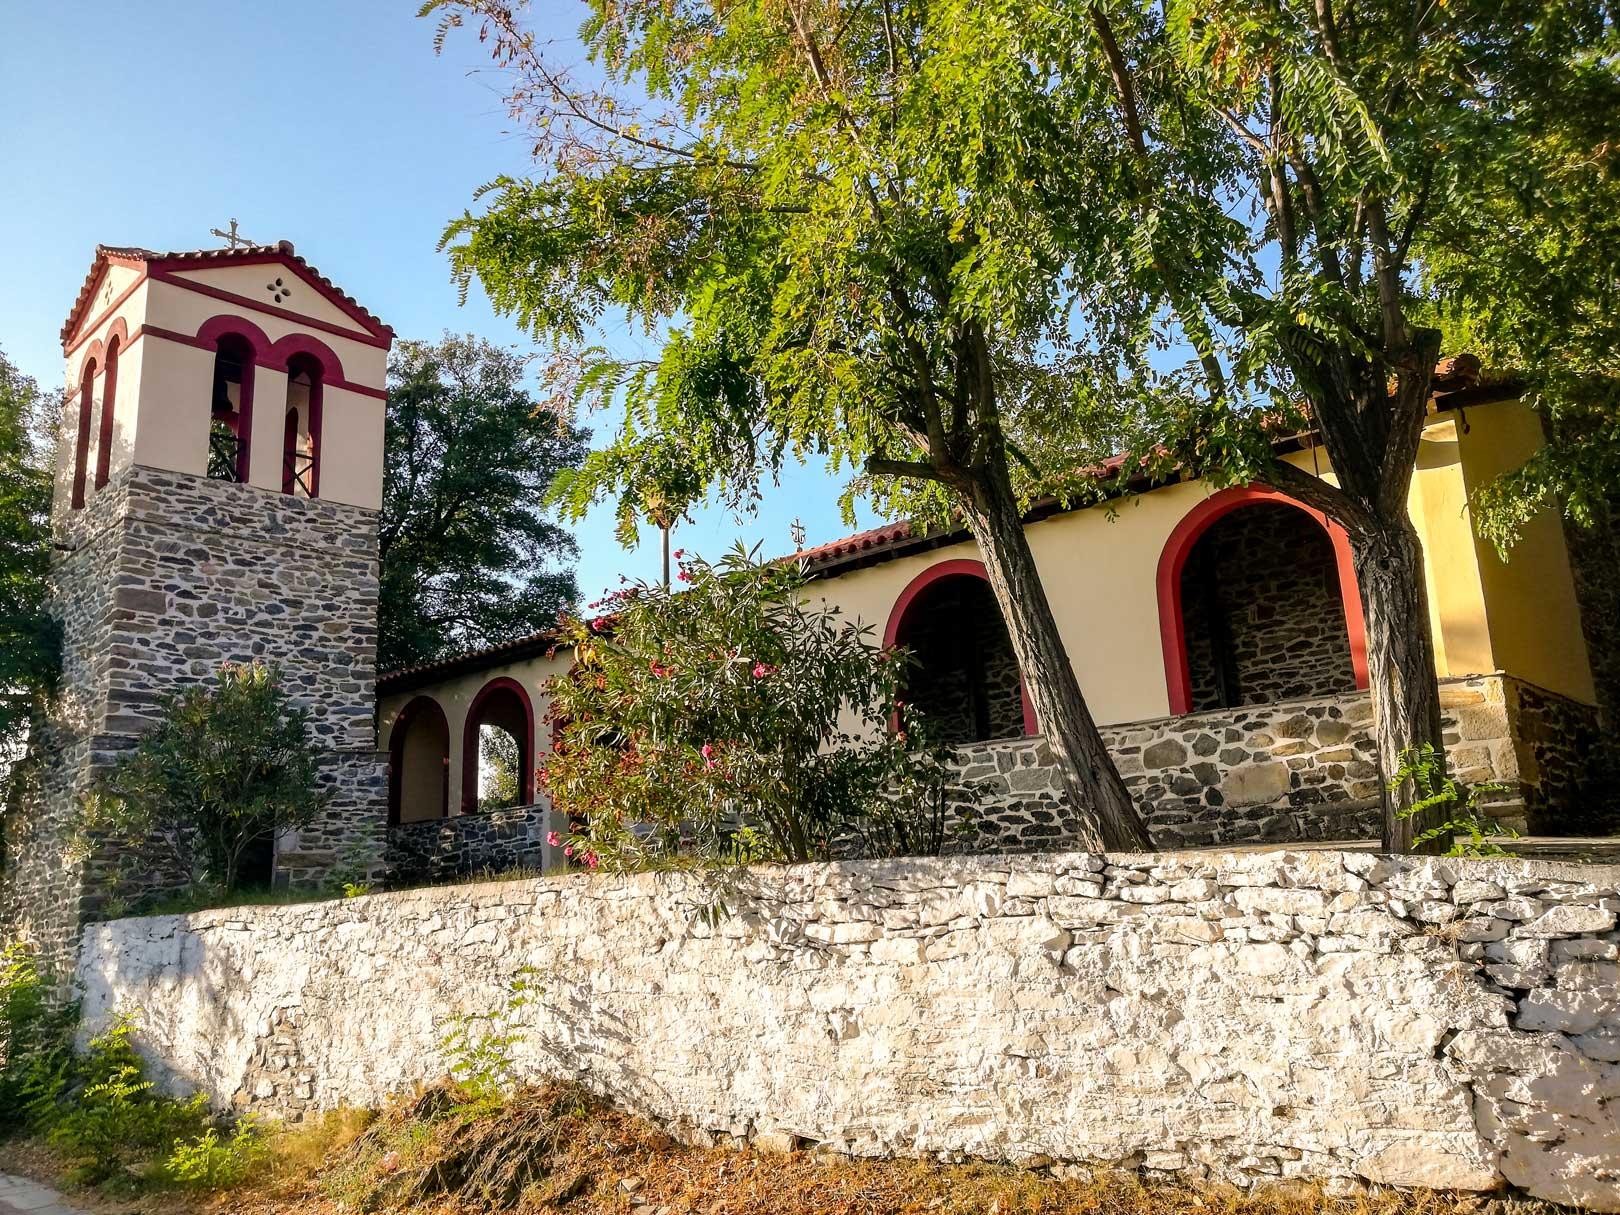 Εκκλησία Παρθενώνα Χαλκιδικής travelshare.gr